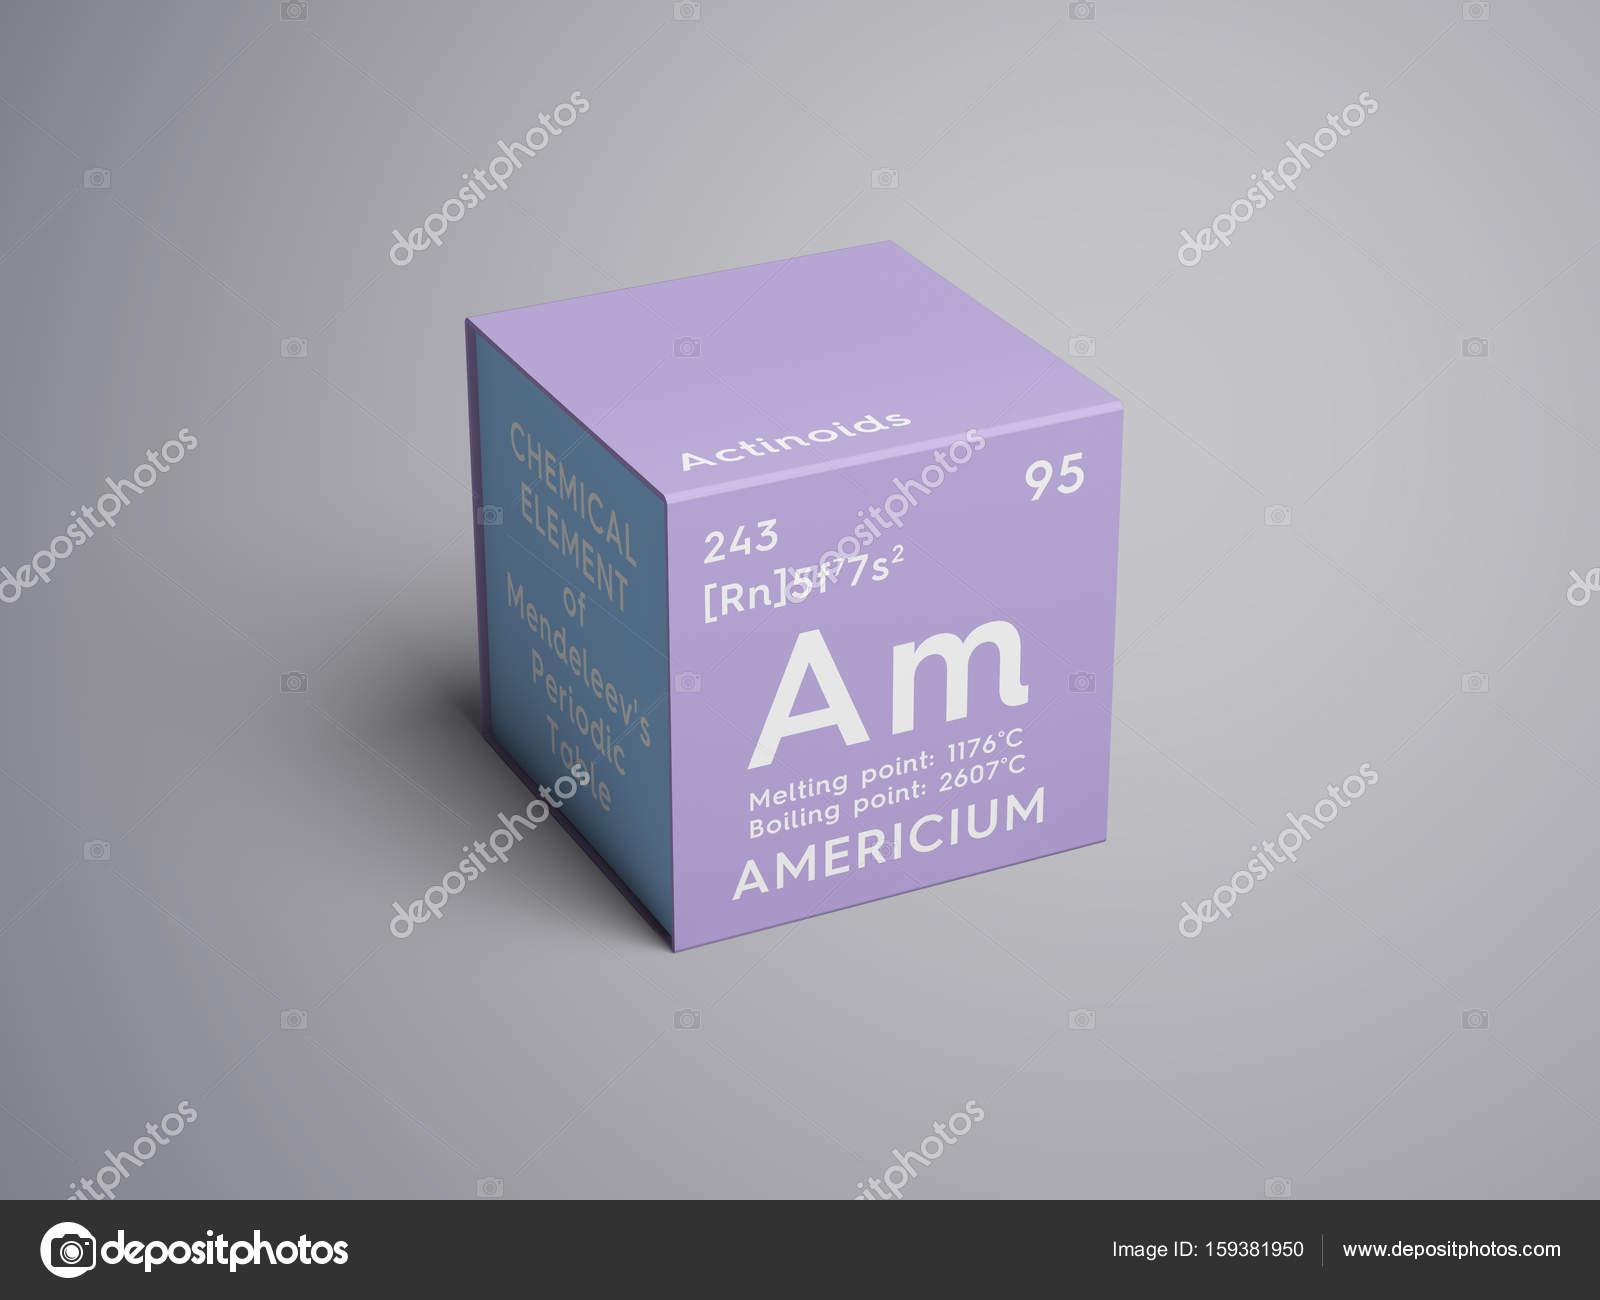 アメリシウム。アクチノイド。メ...